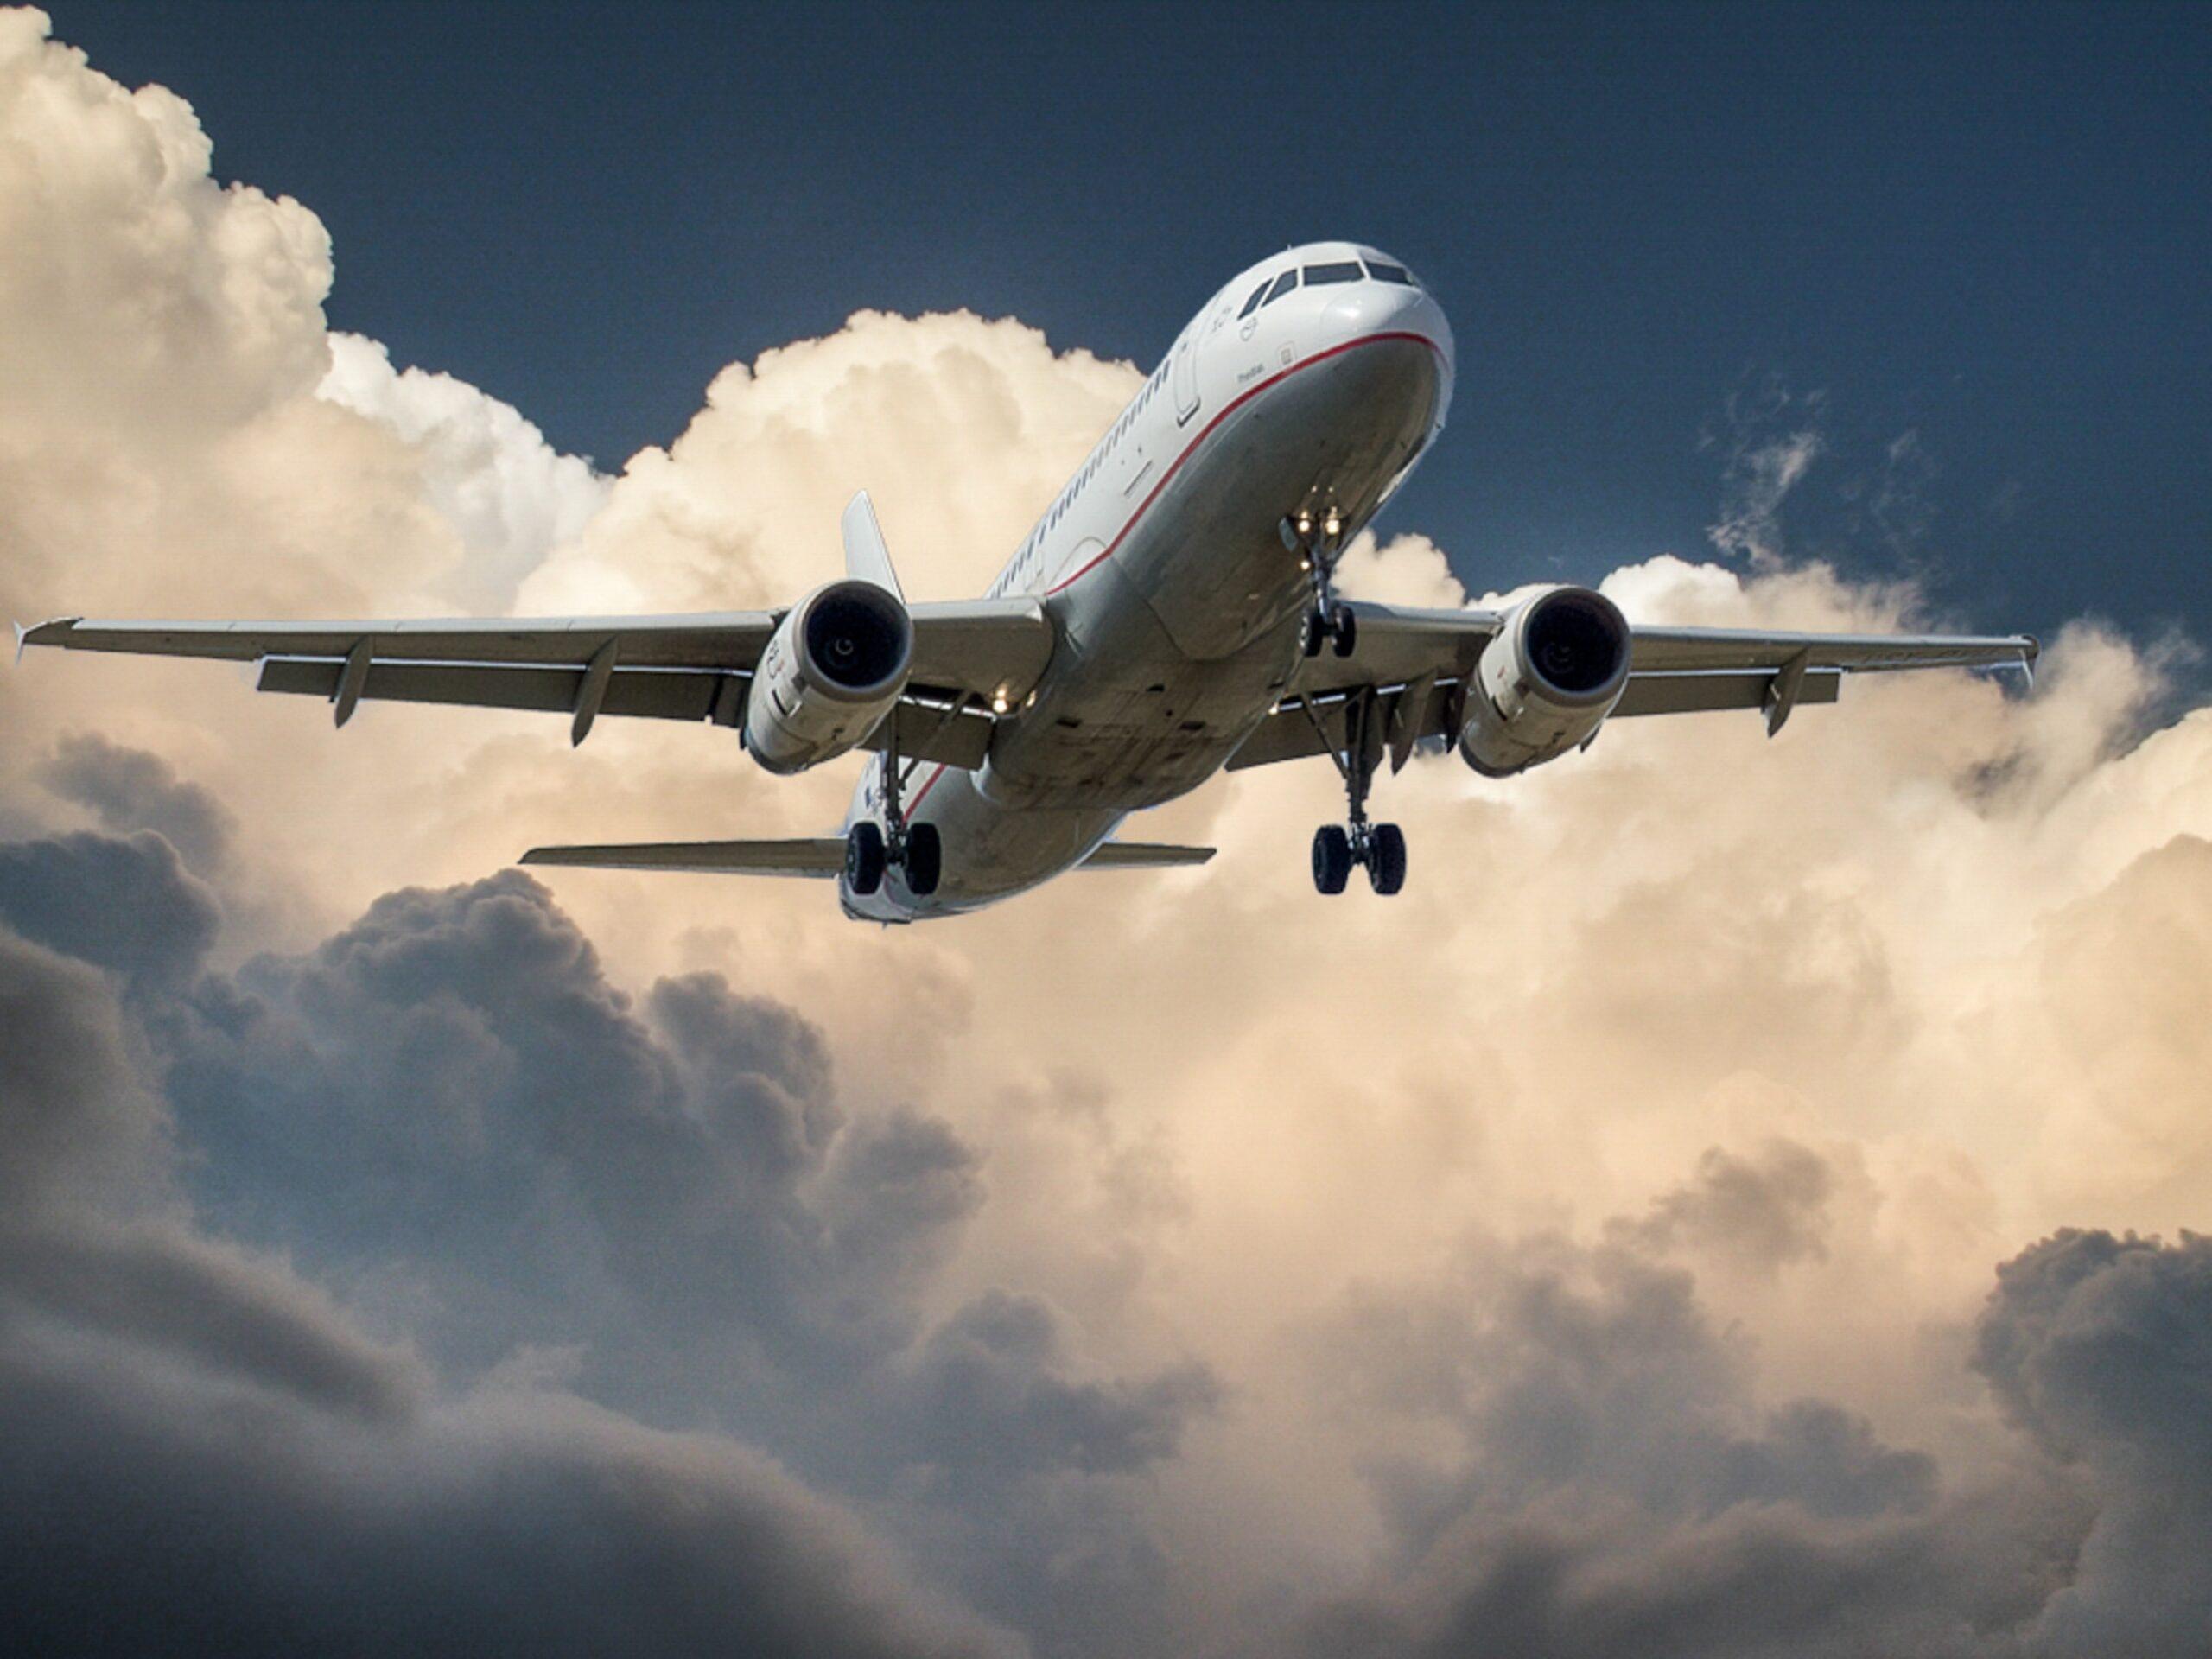 【最大1万円引き】クーポン追加配布中 便利でお得な航空券付宿泊プラン